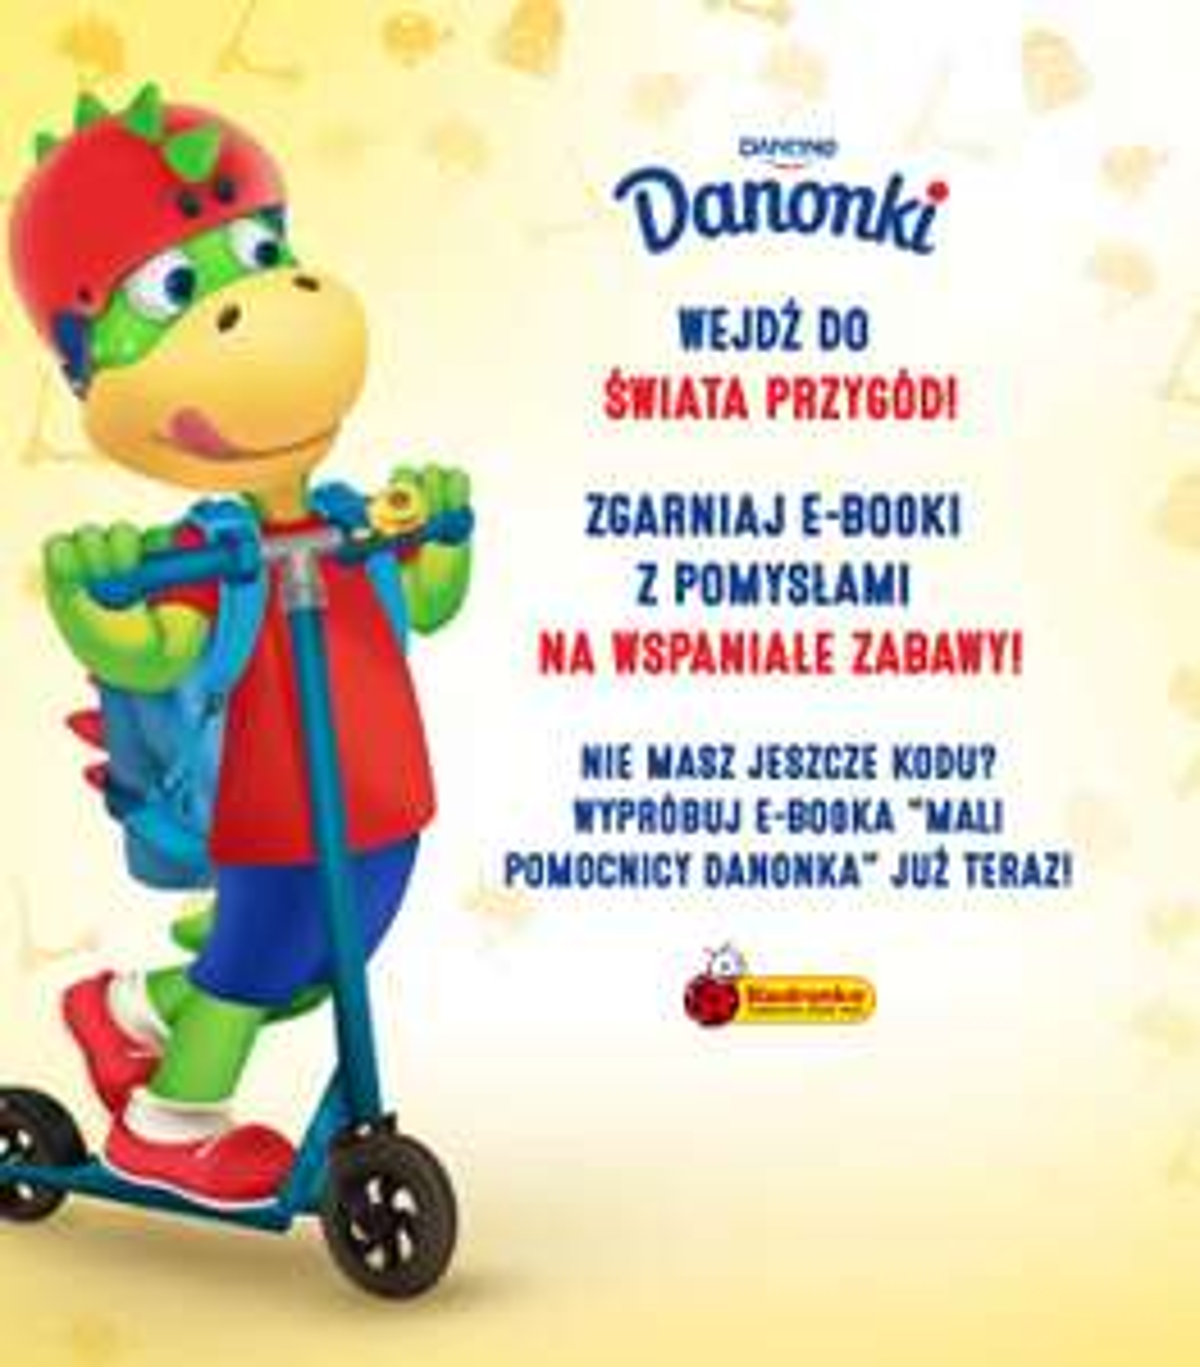 Kup Danonki w sieci Biedronka i odbierz E-book